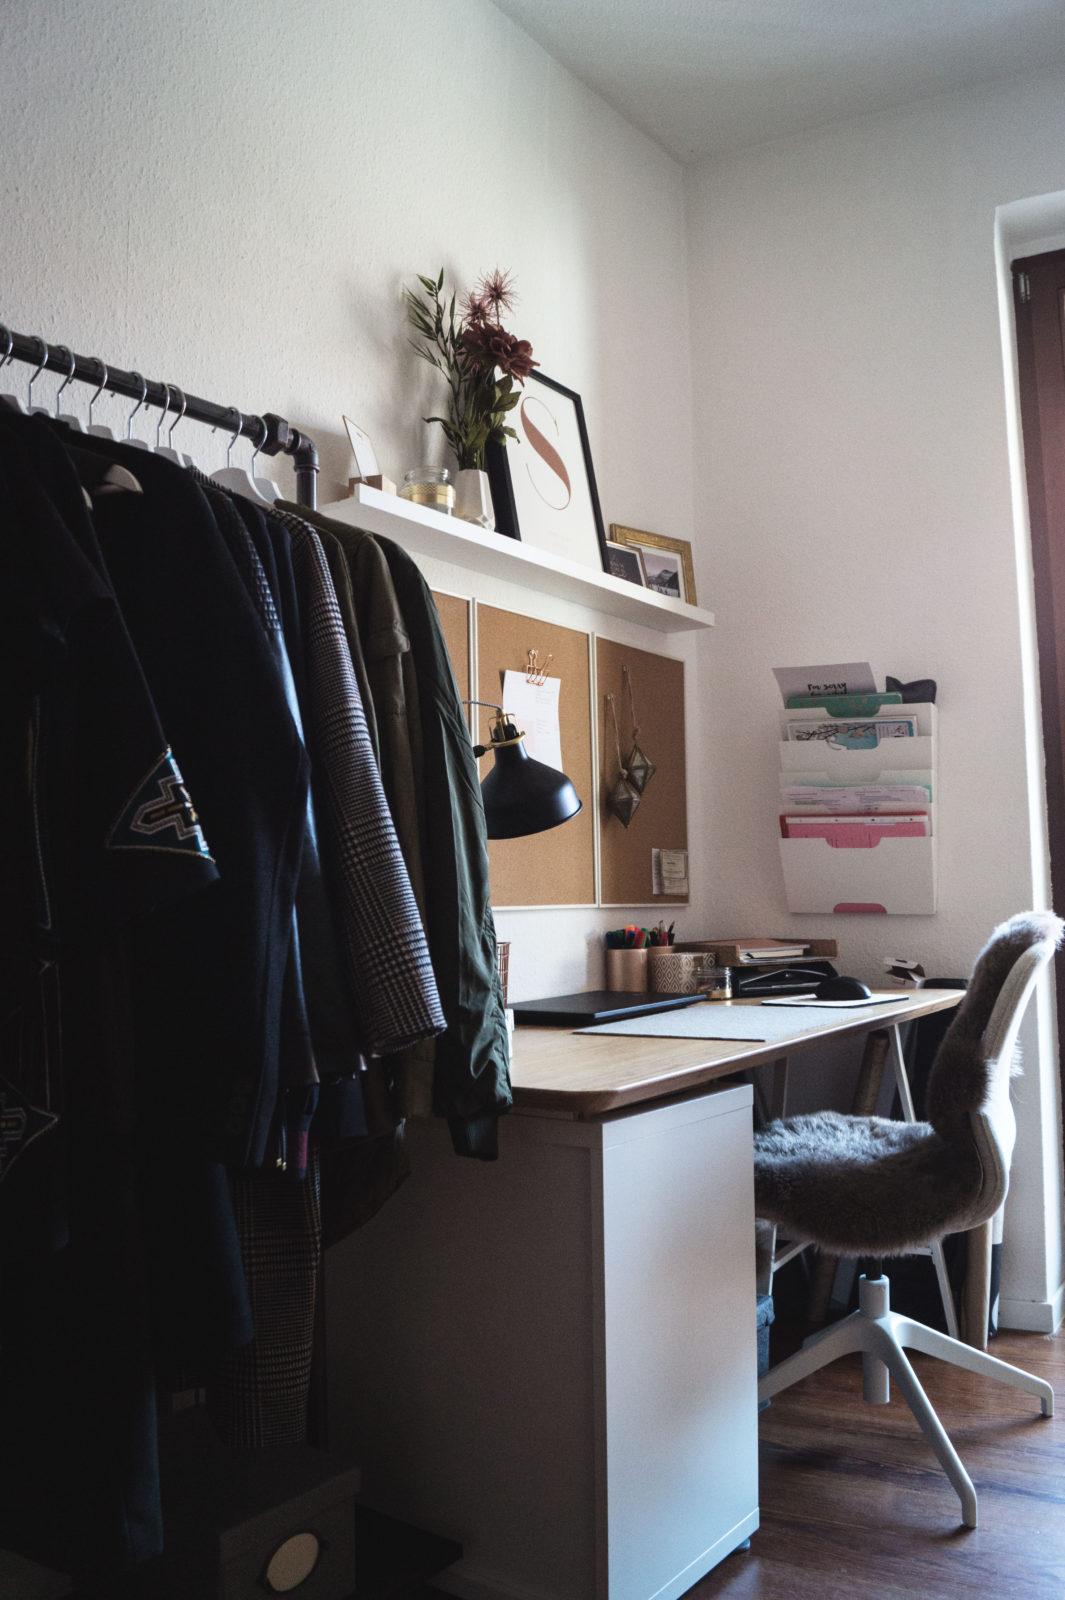 HOME STORY New Walk In Closet & Office with Rackbuddy begehbarer Kleiderschrank Work Space Kleiderstange Blogger Sariety Ikea